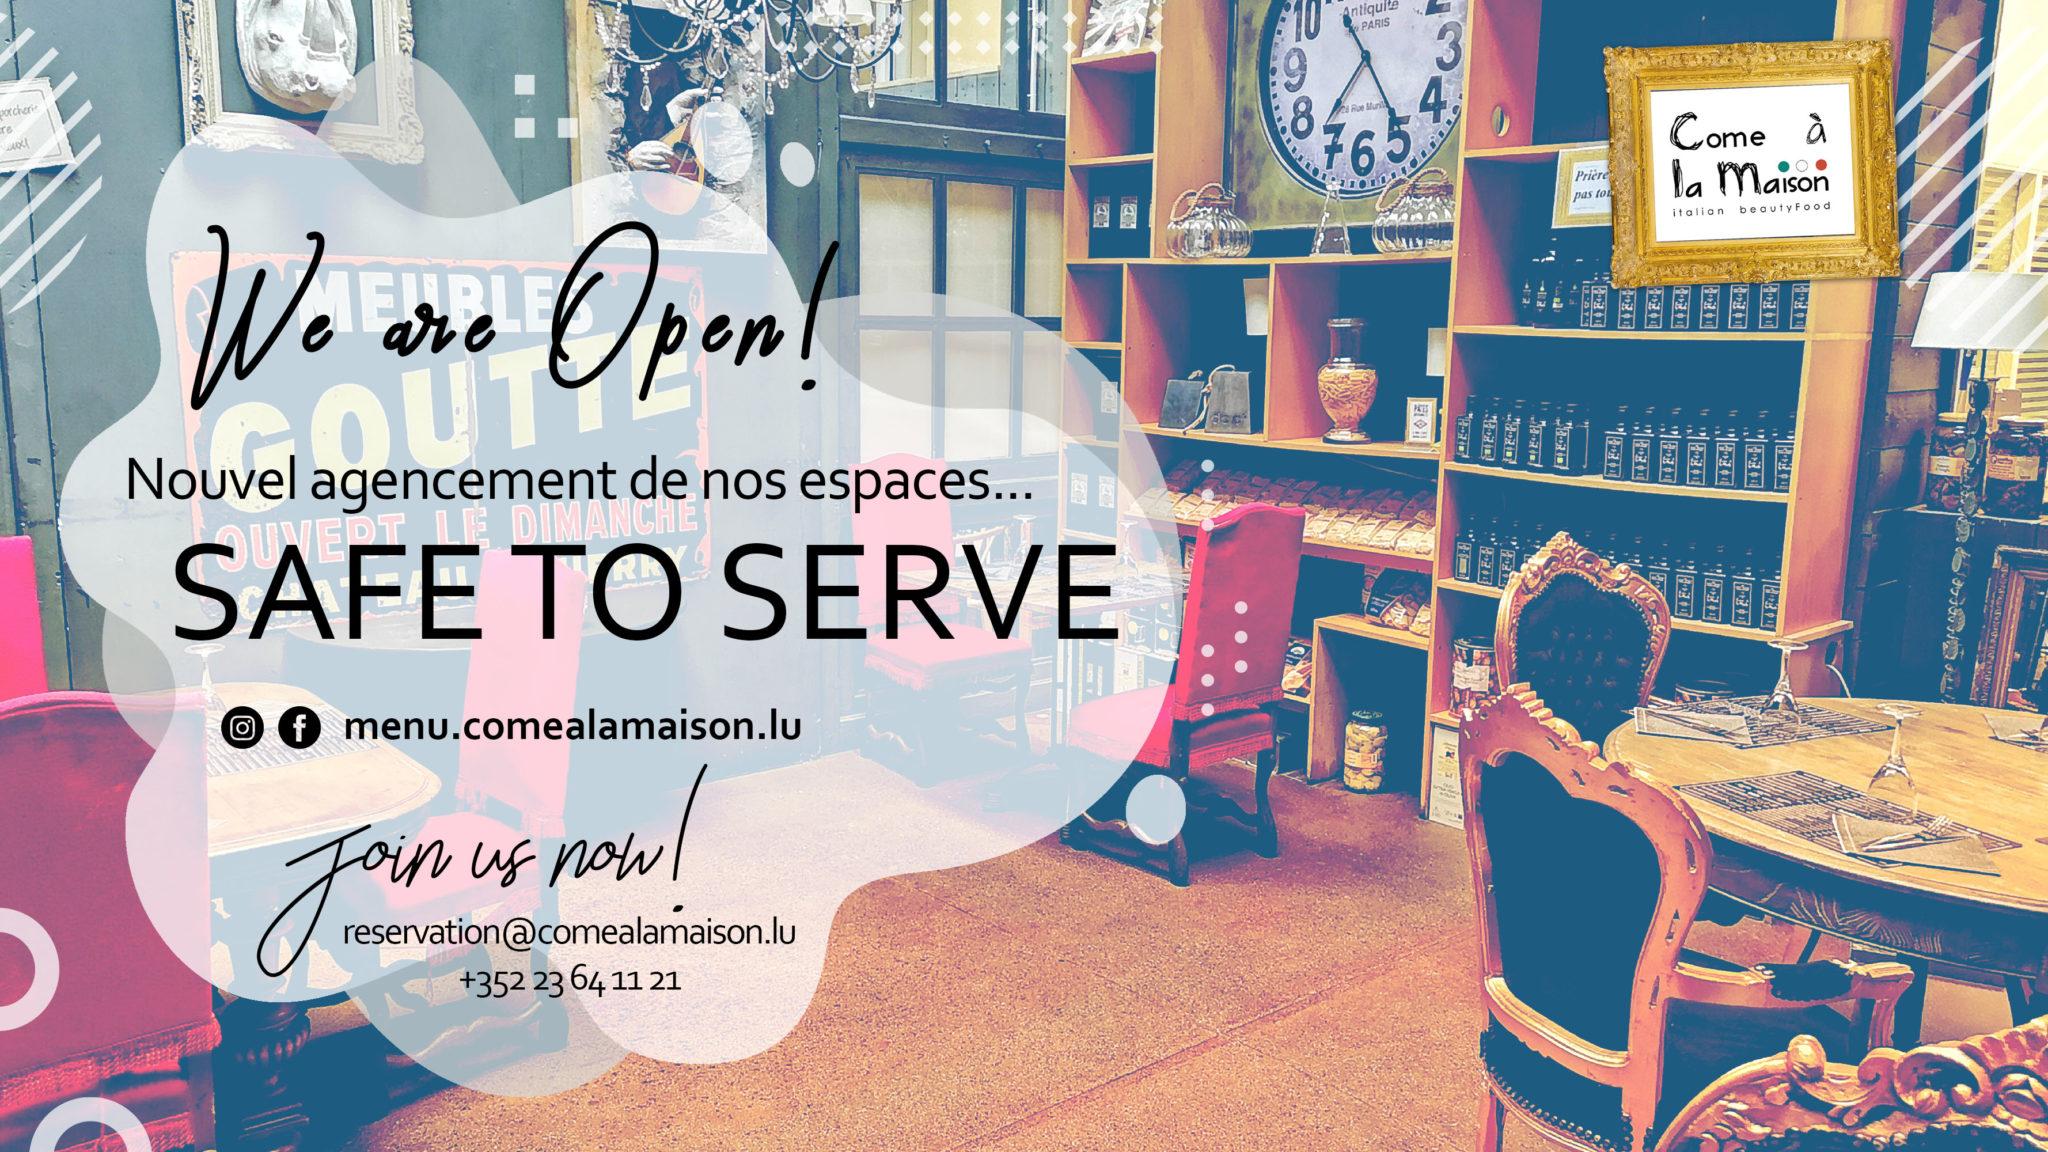 YES WE ARE OPEN! Nouvel agencement de nos espaces intérieurs